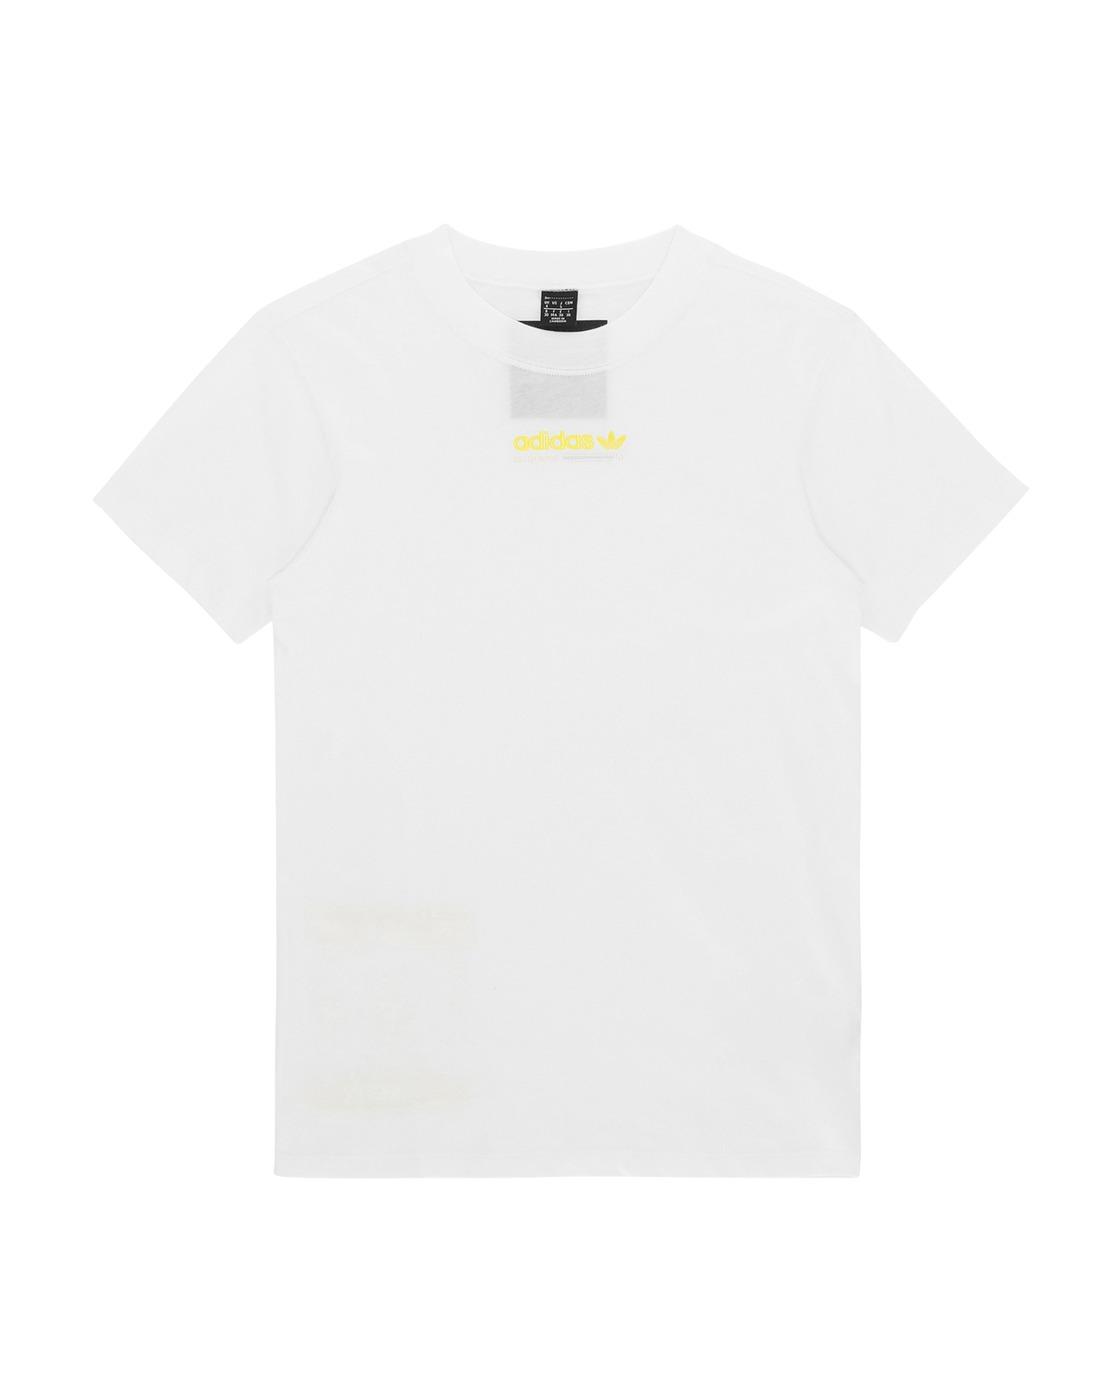 Adidas Originals T Shirt White